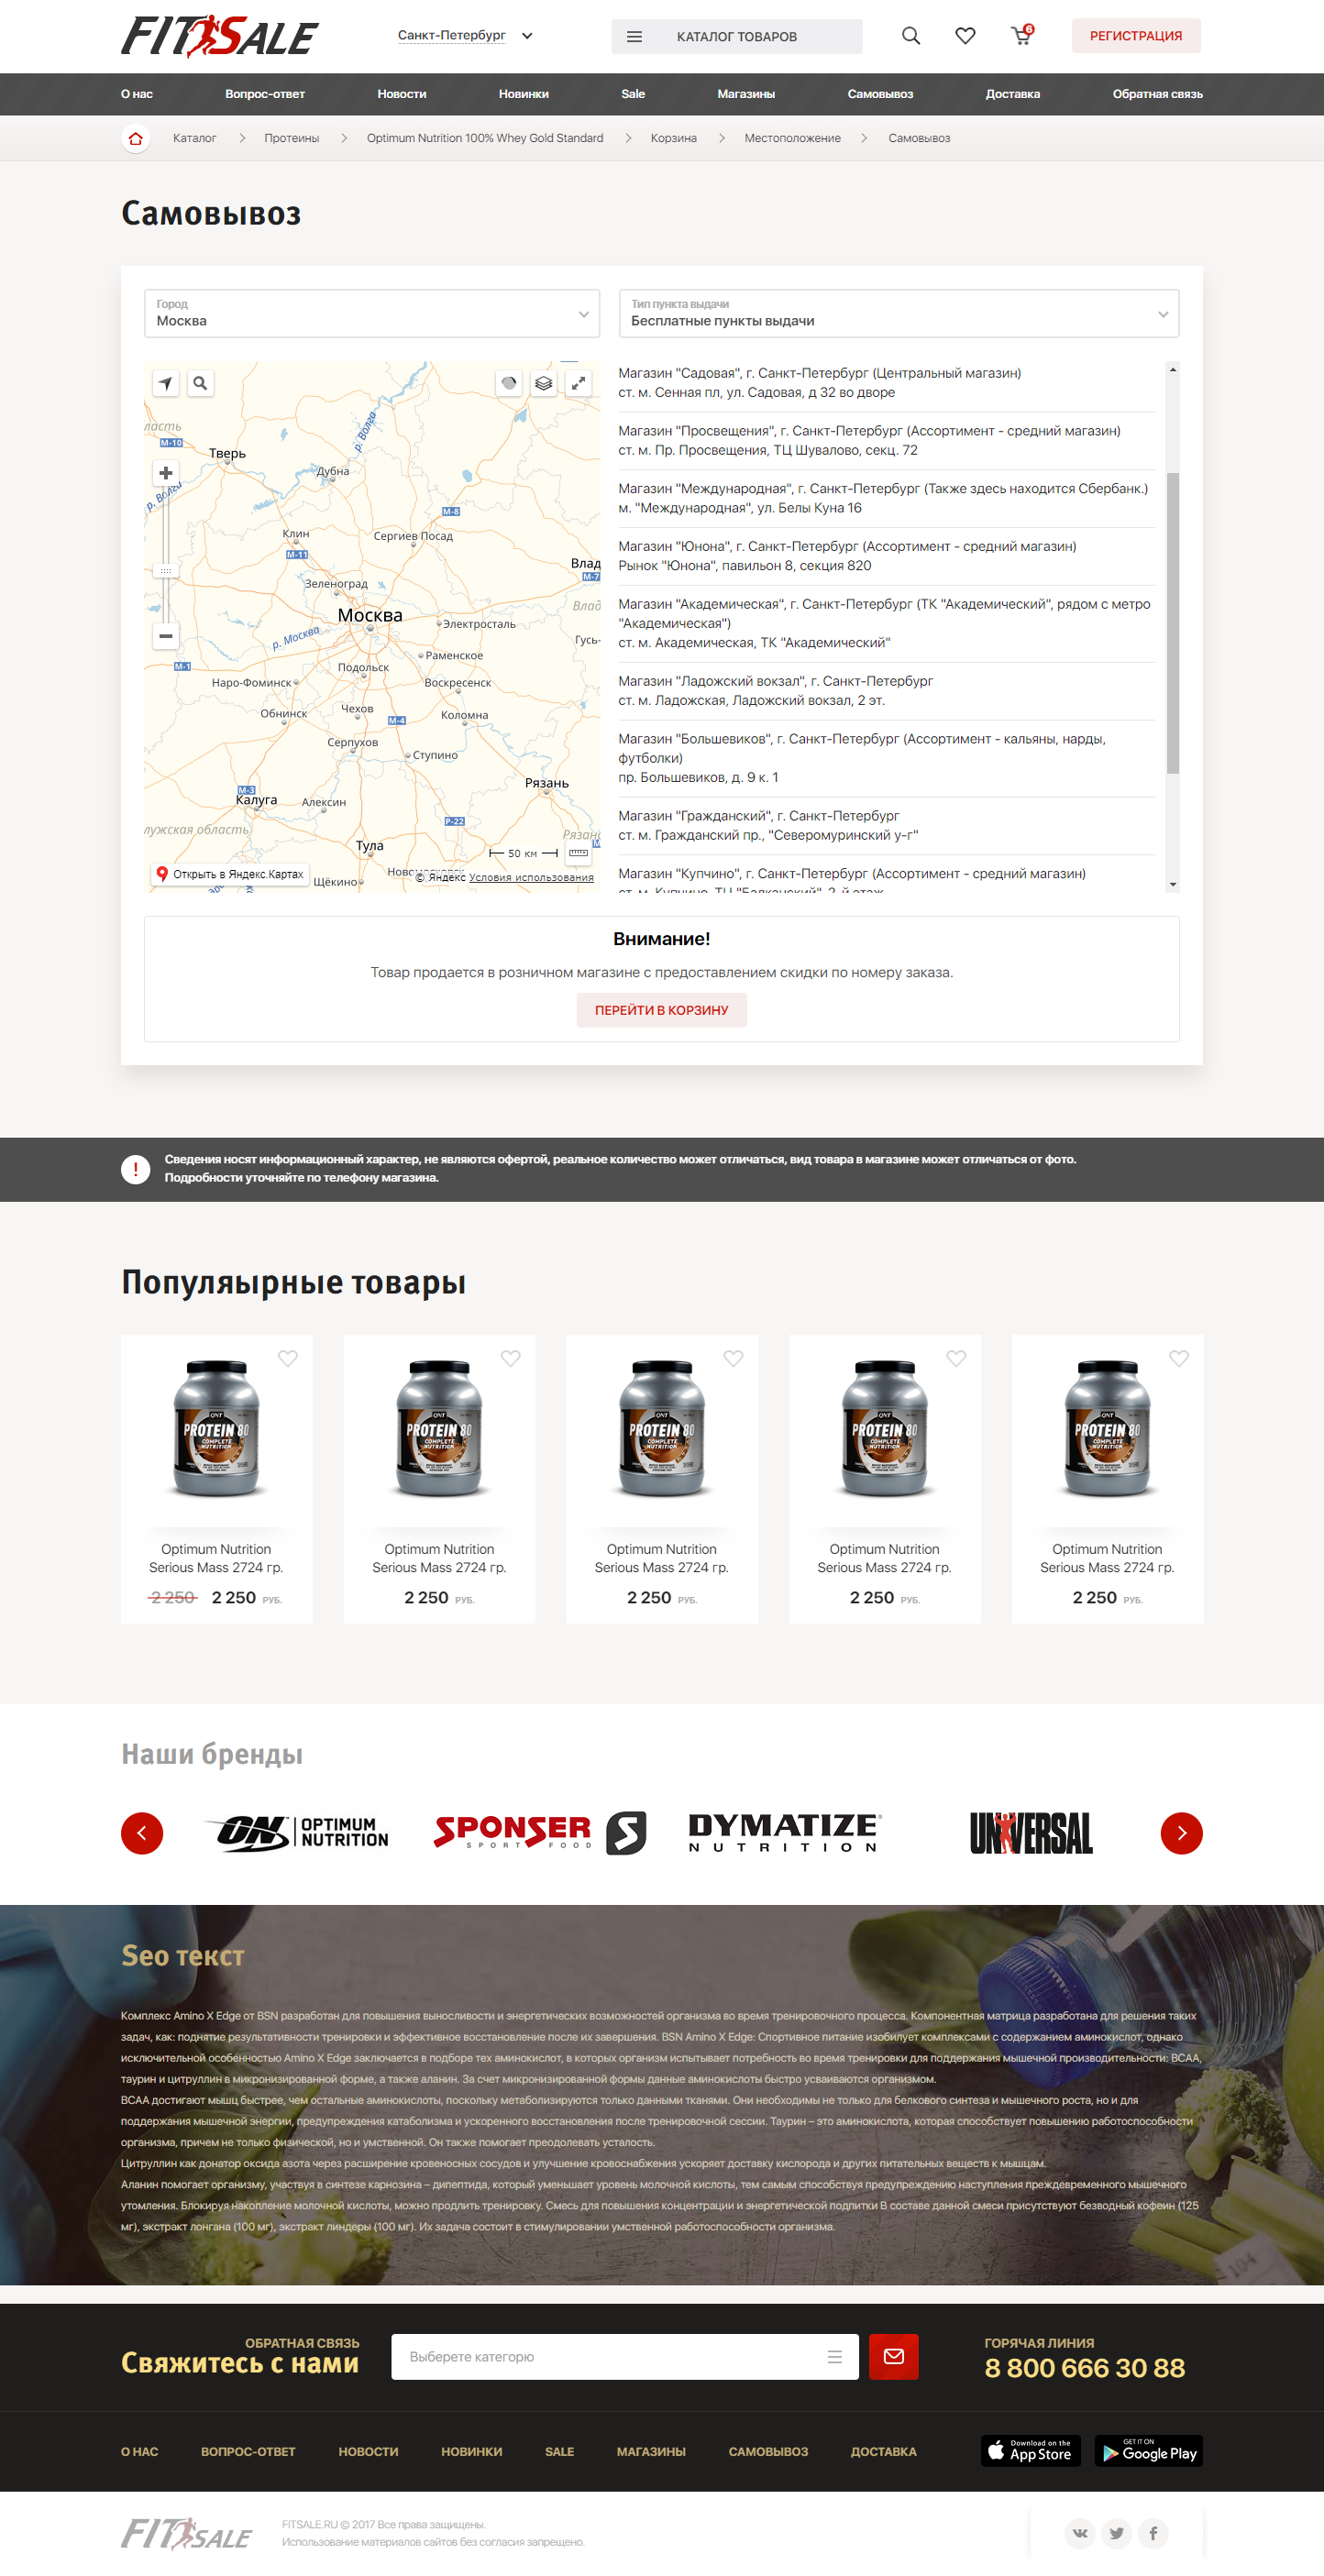 Fitsale - адаптивная верстка интернет магазина спортивного питания